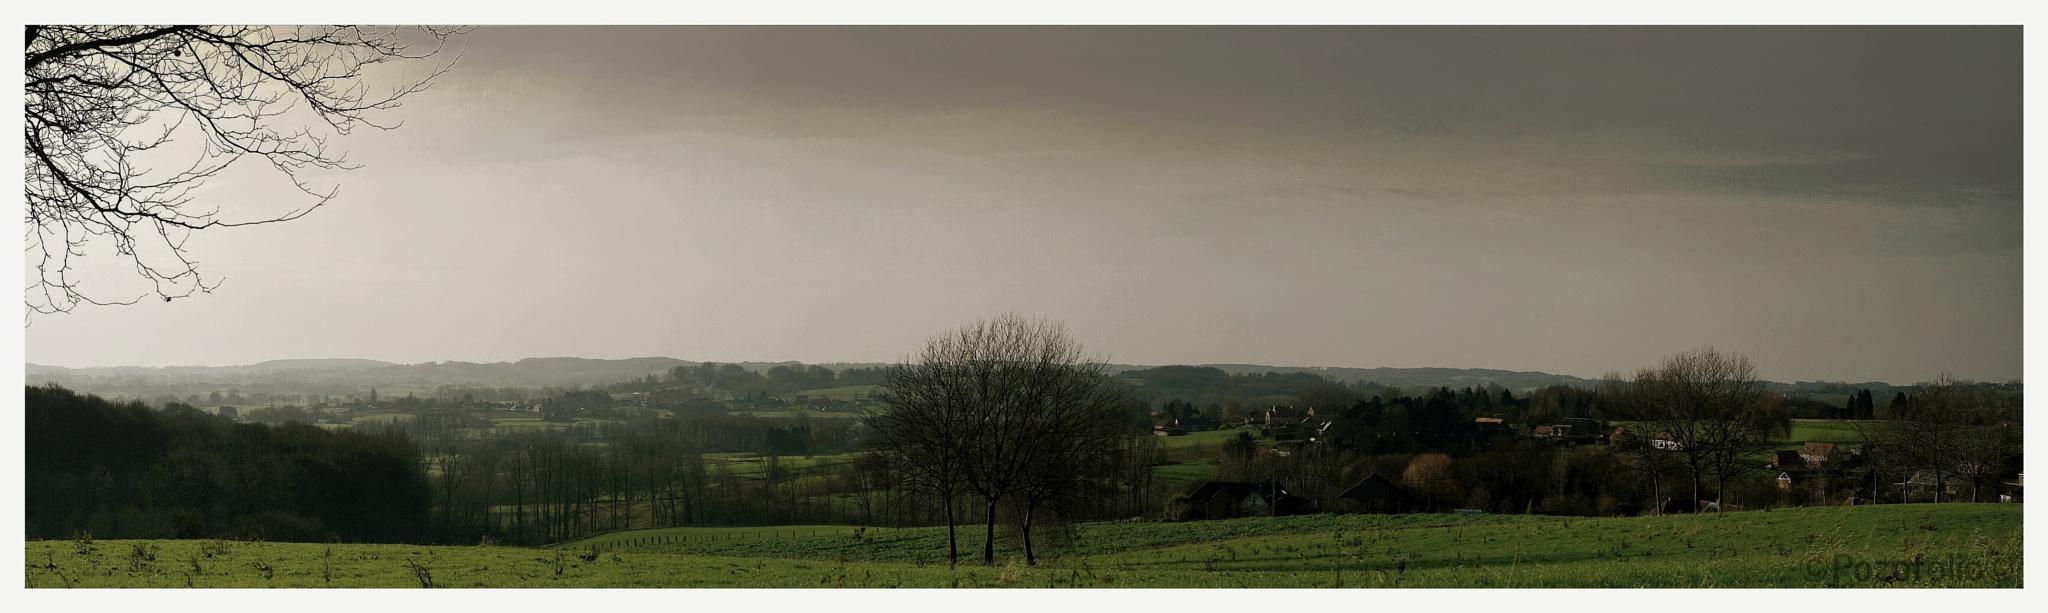 landscape by Pozofolio